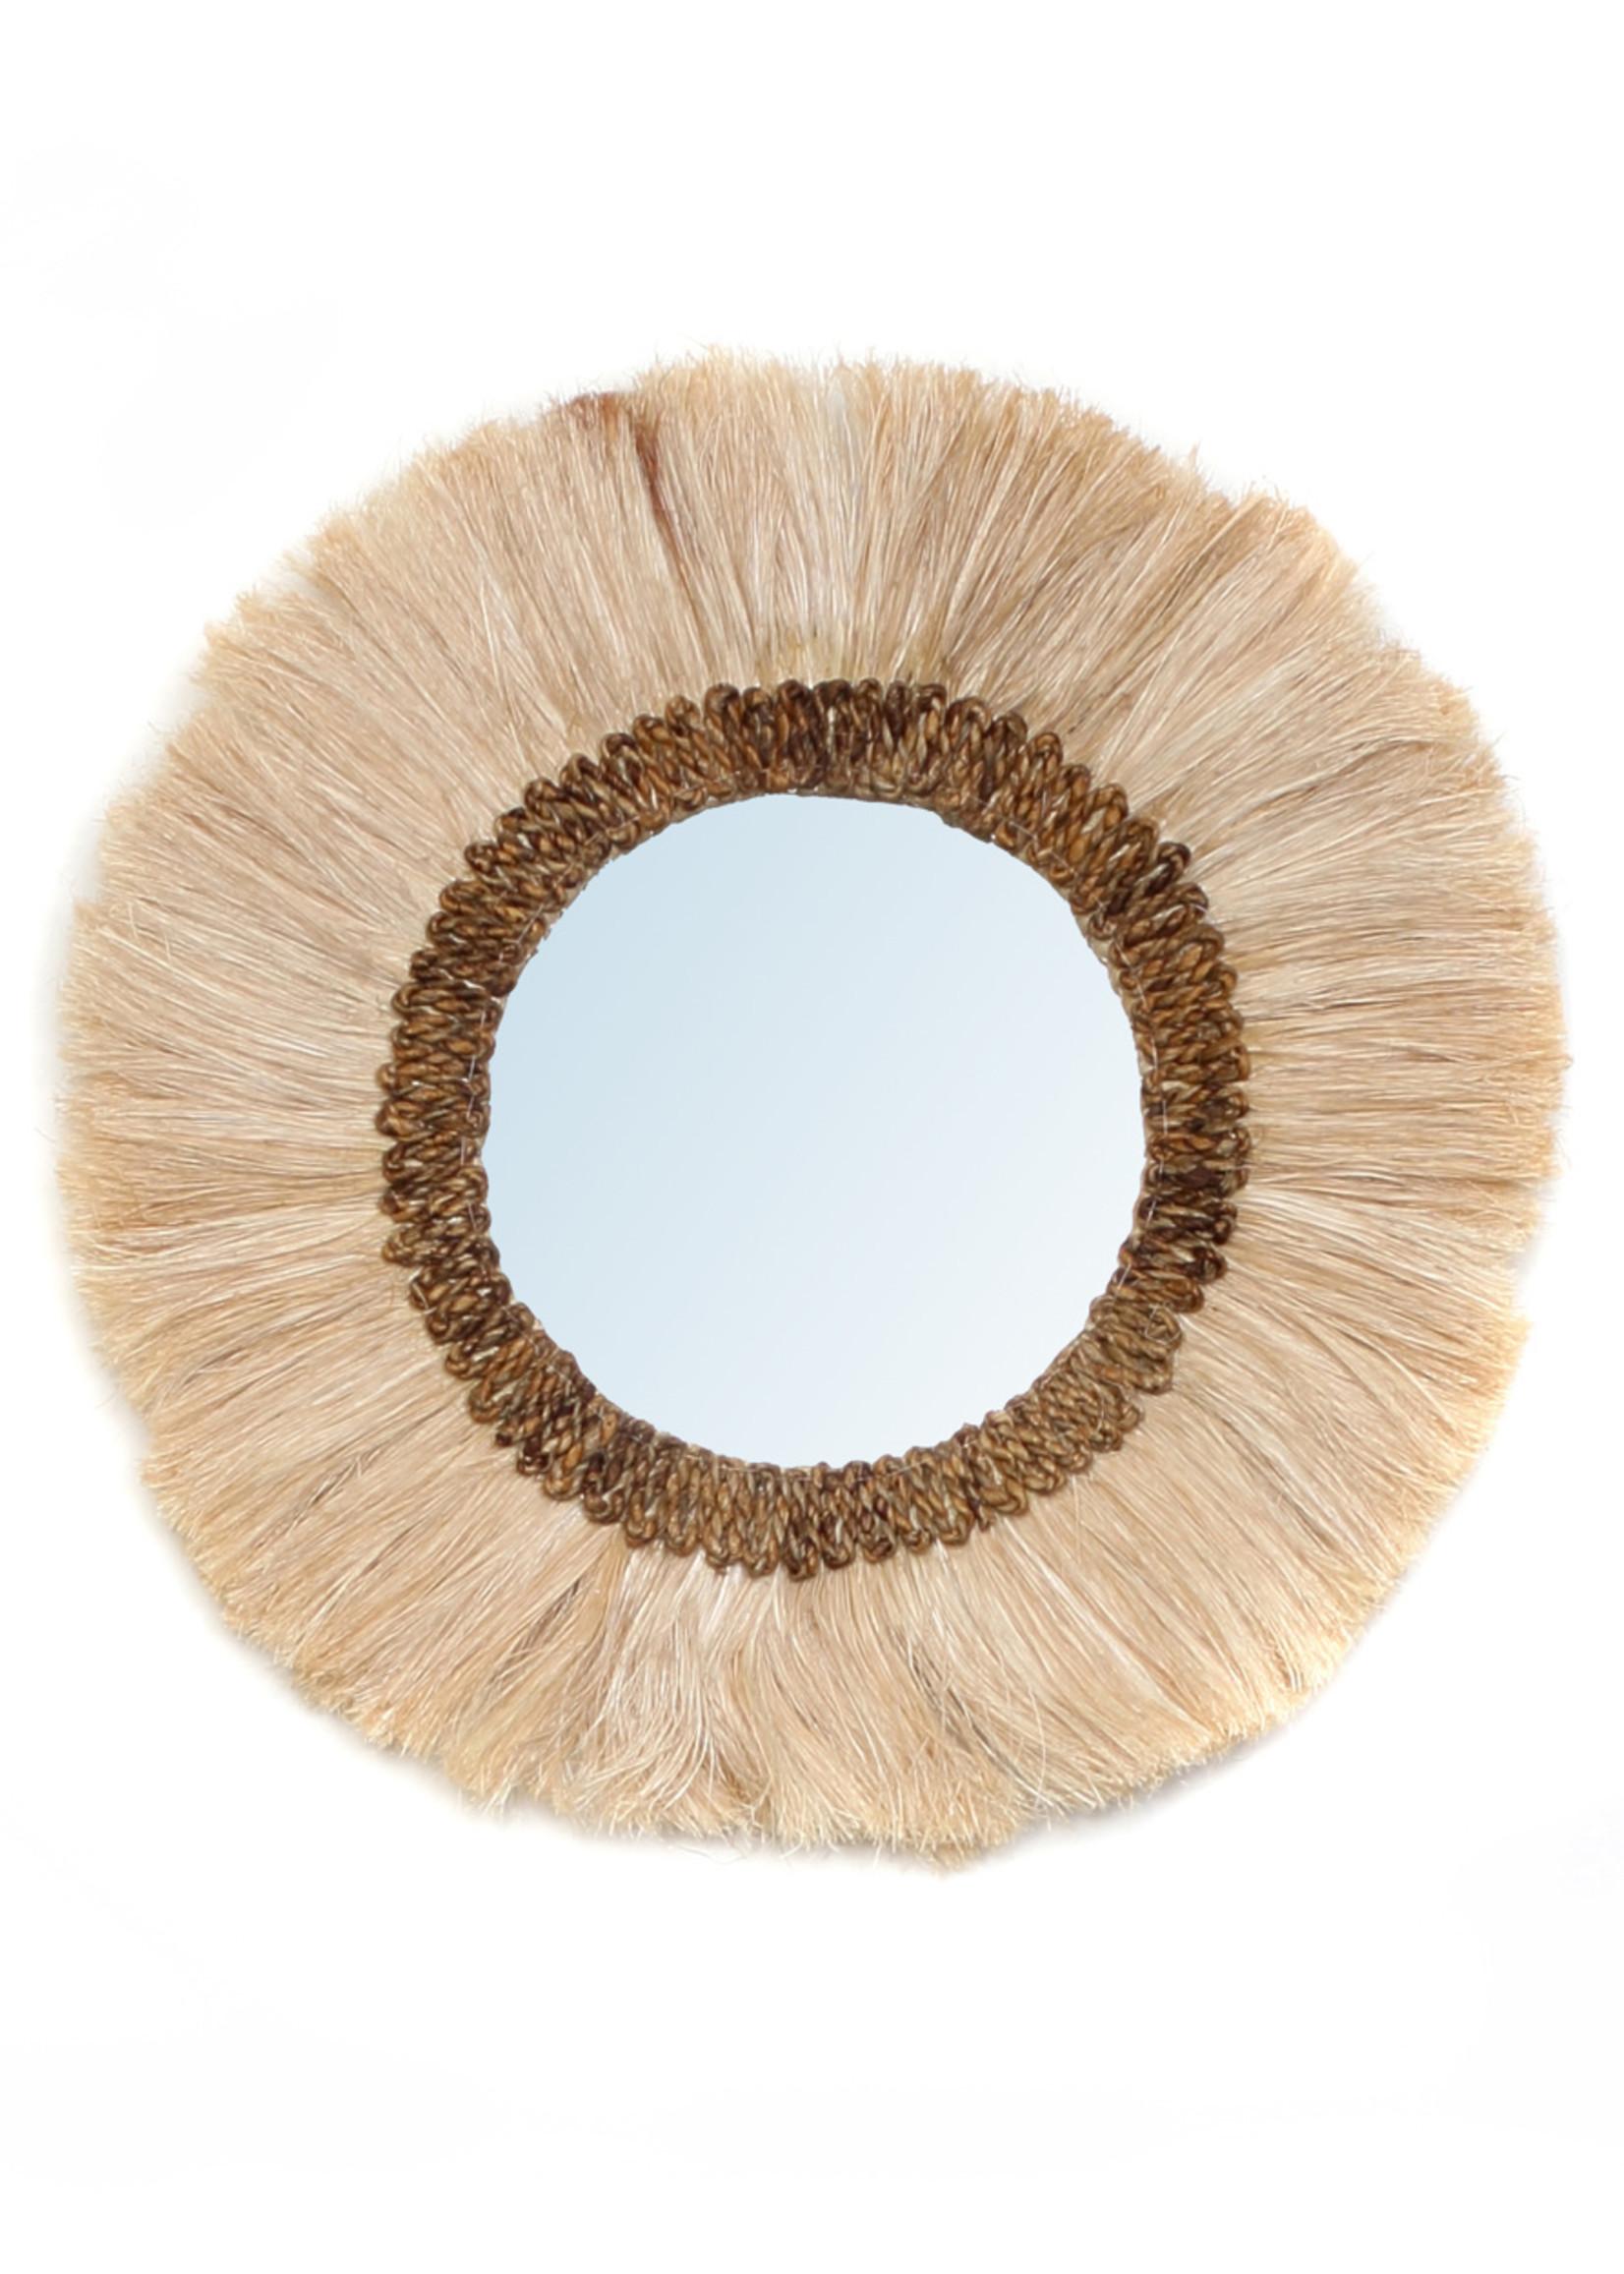 The Mowgli Mirror - Natural - M